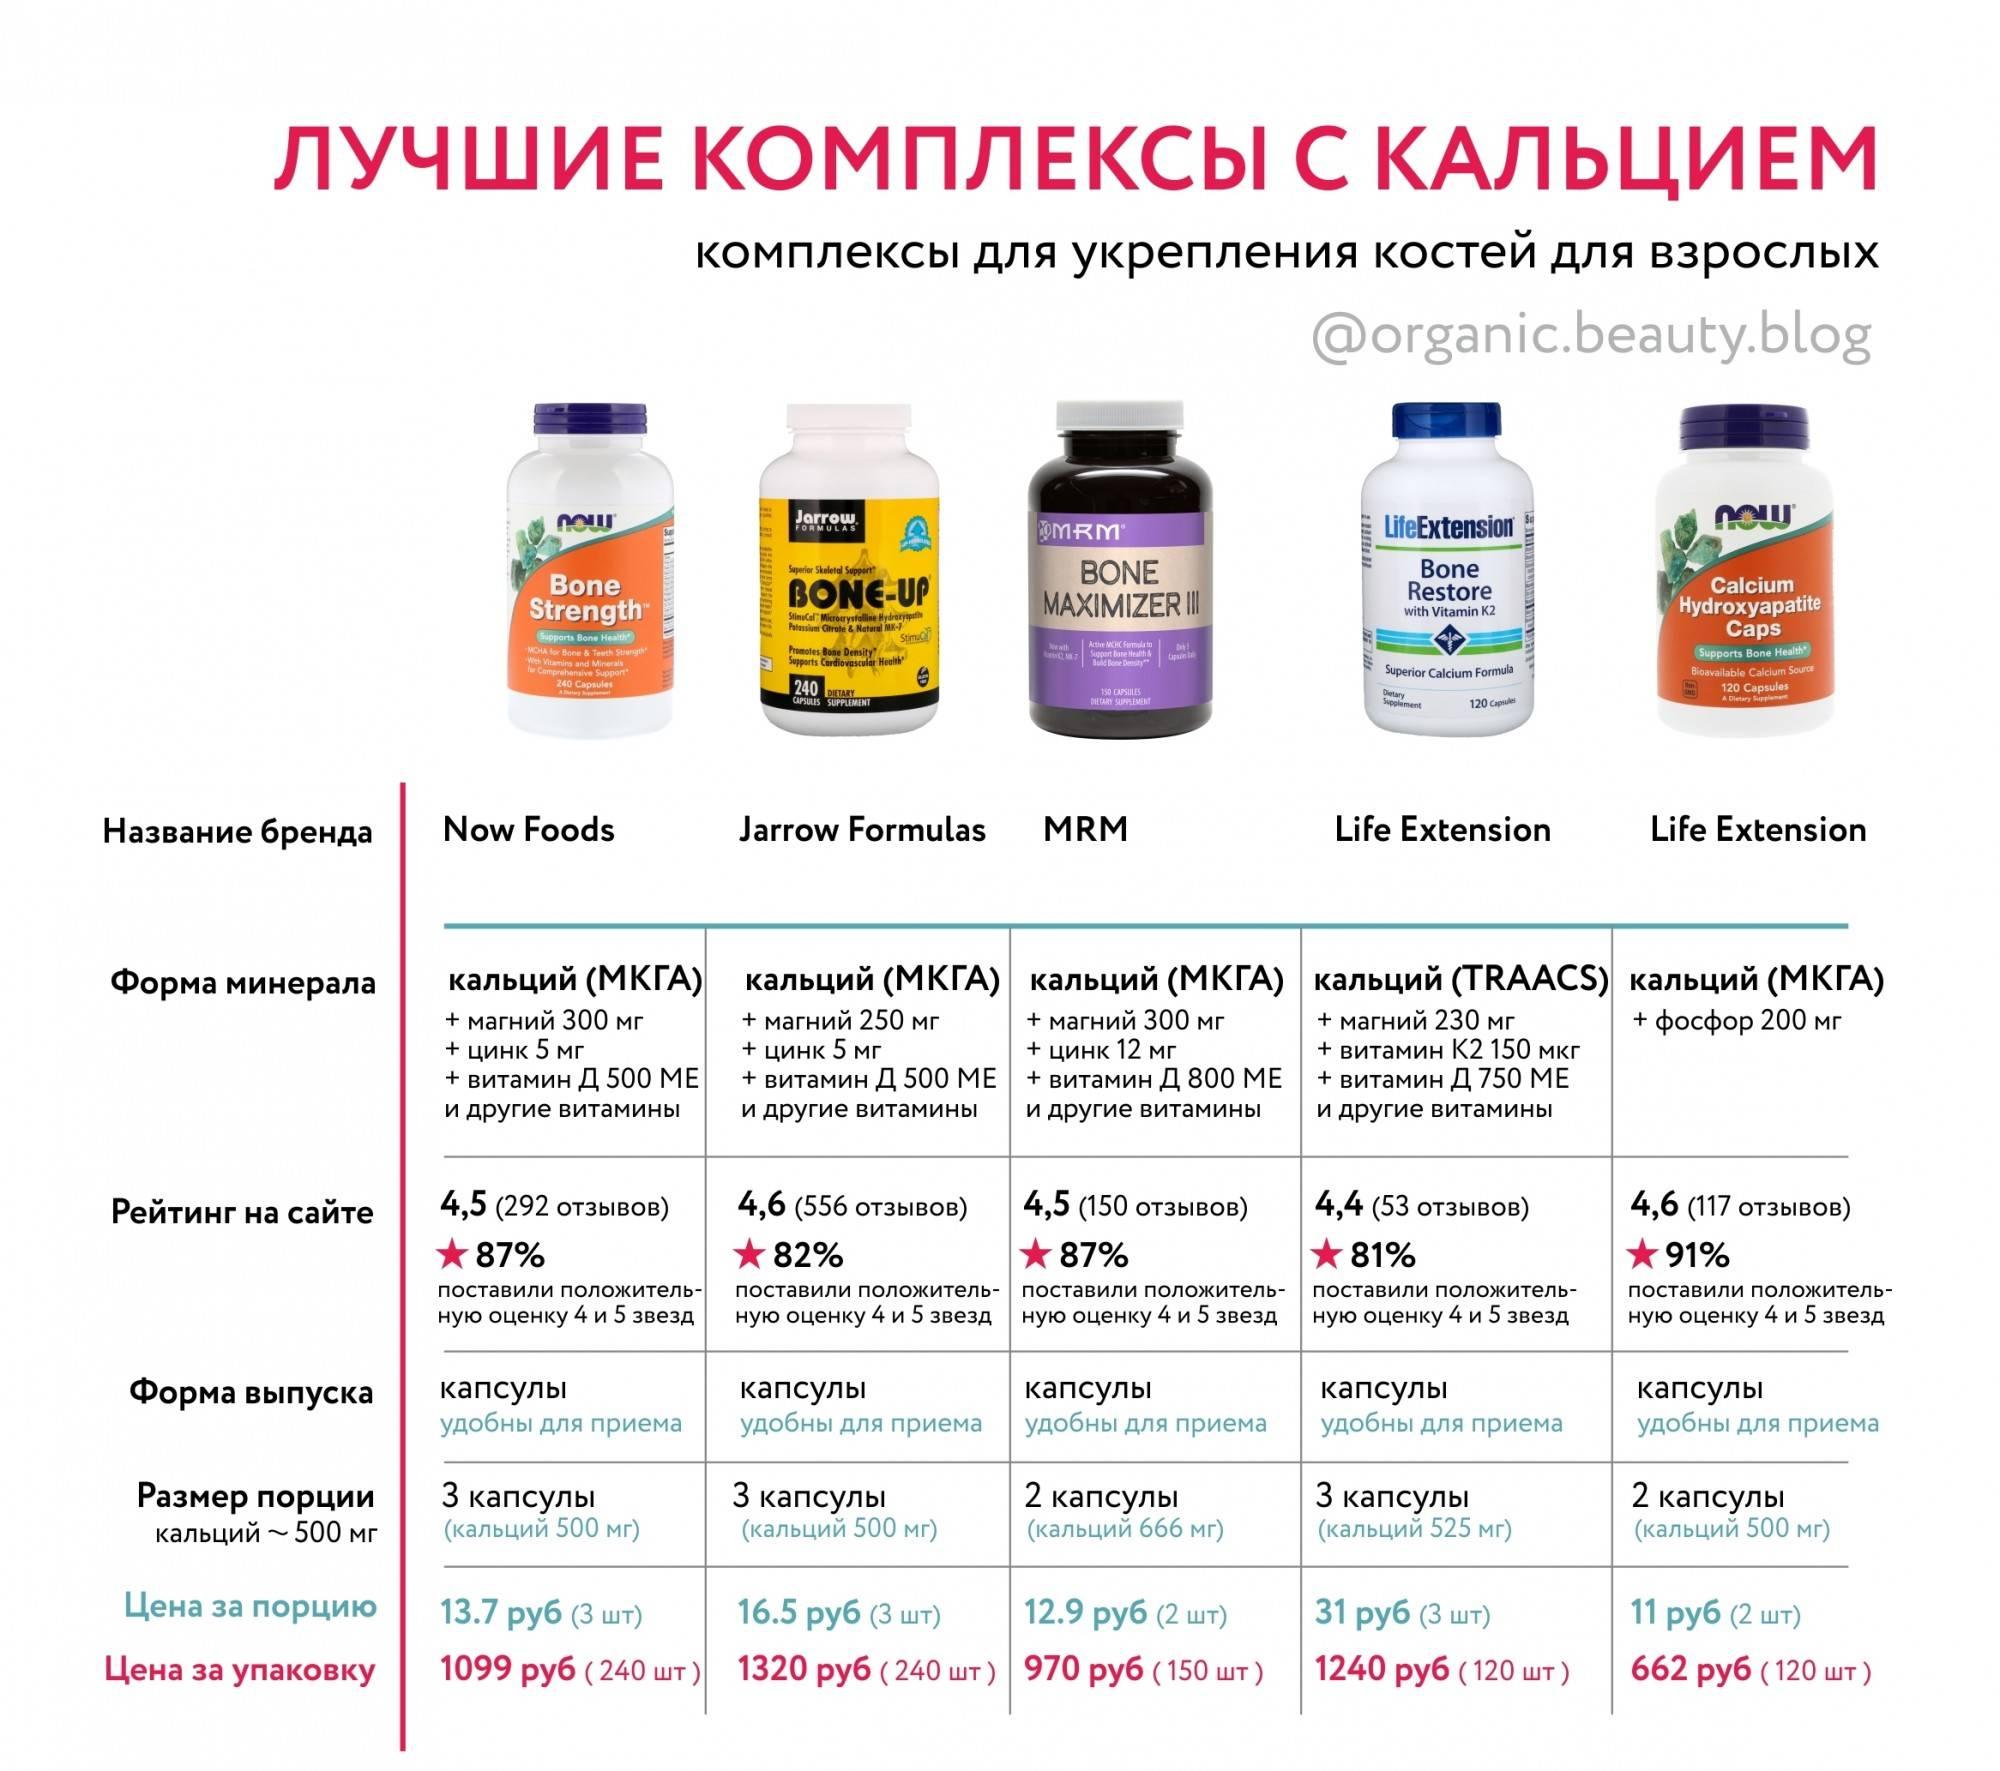 Как выбрать правильные витамины?